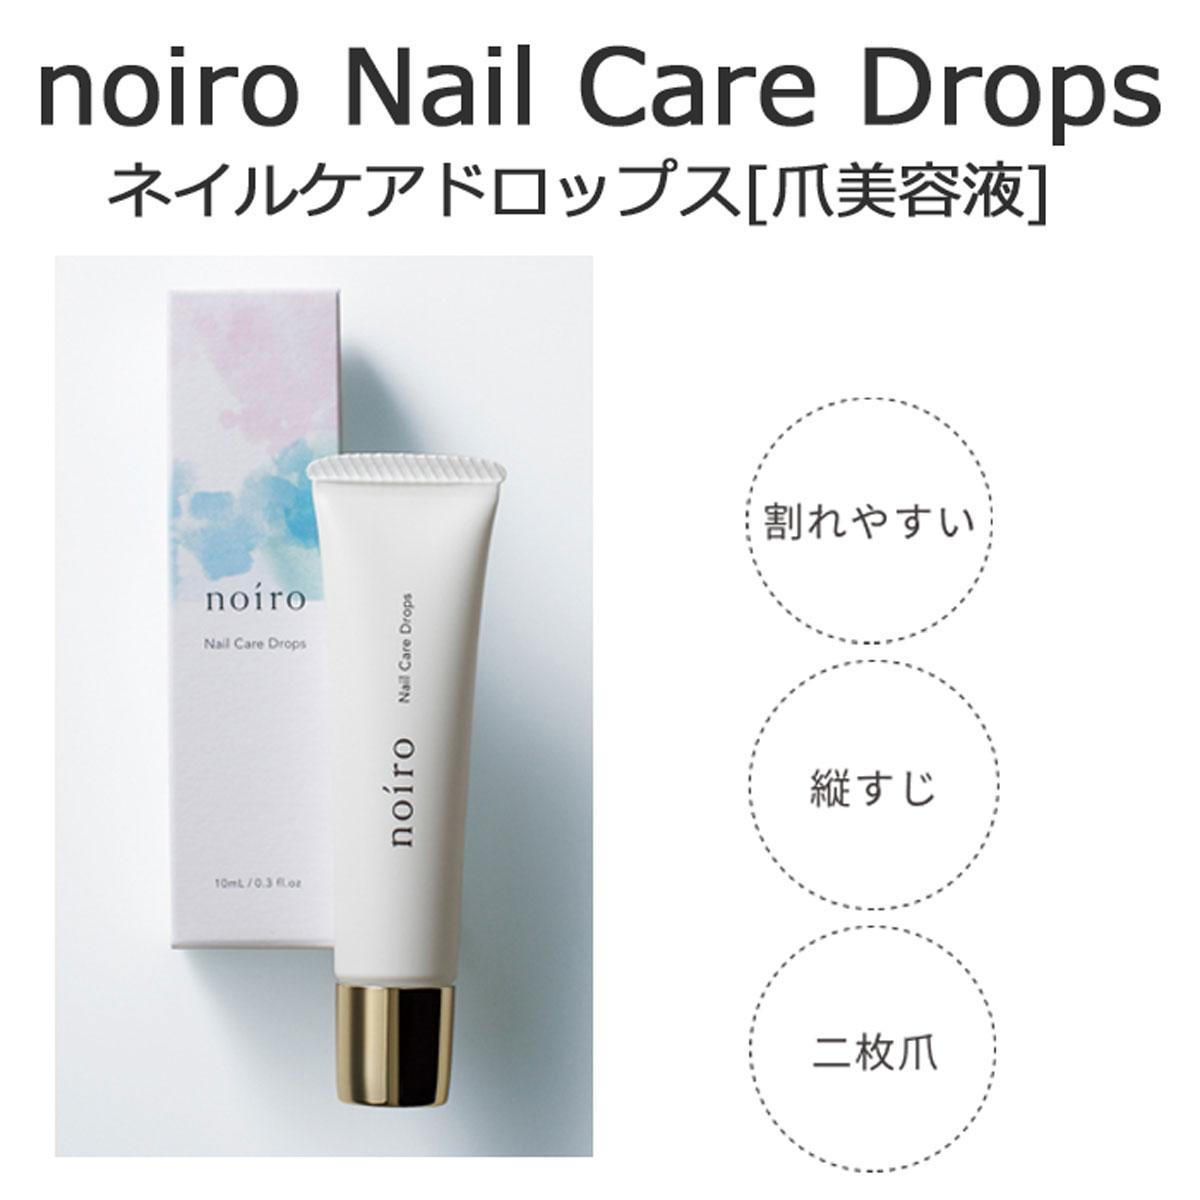 noiro ノイロ ネイルケアドロップス 爪美容液 10mL 補修 すこやか 整える